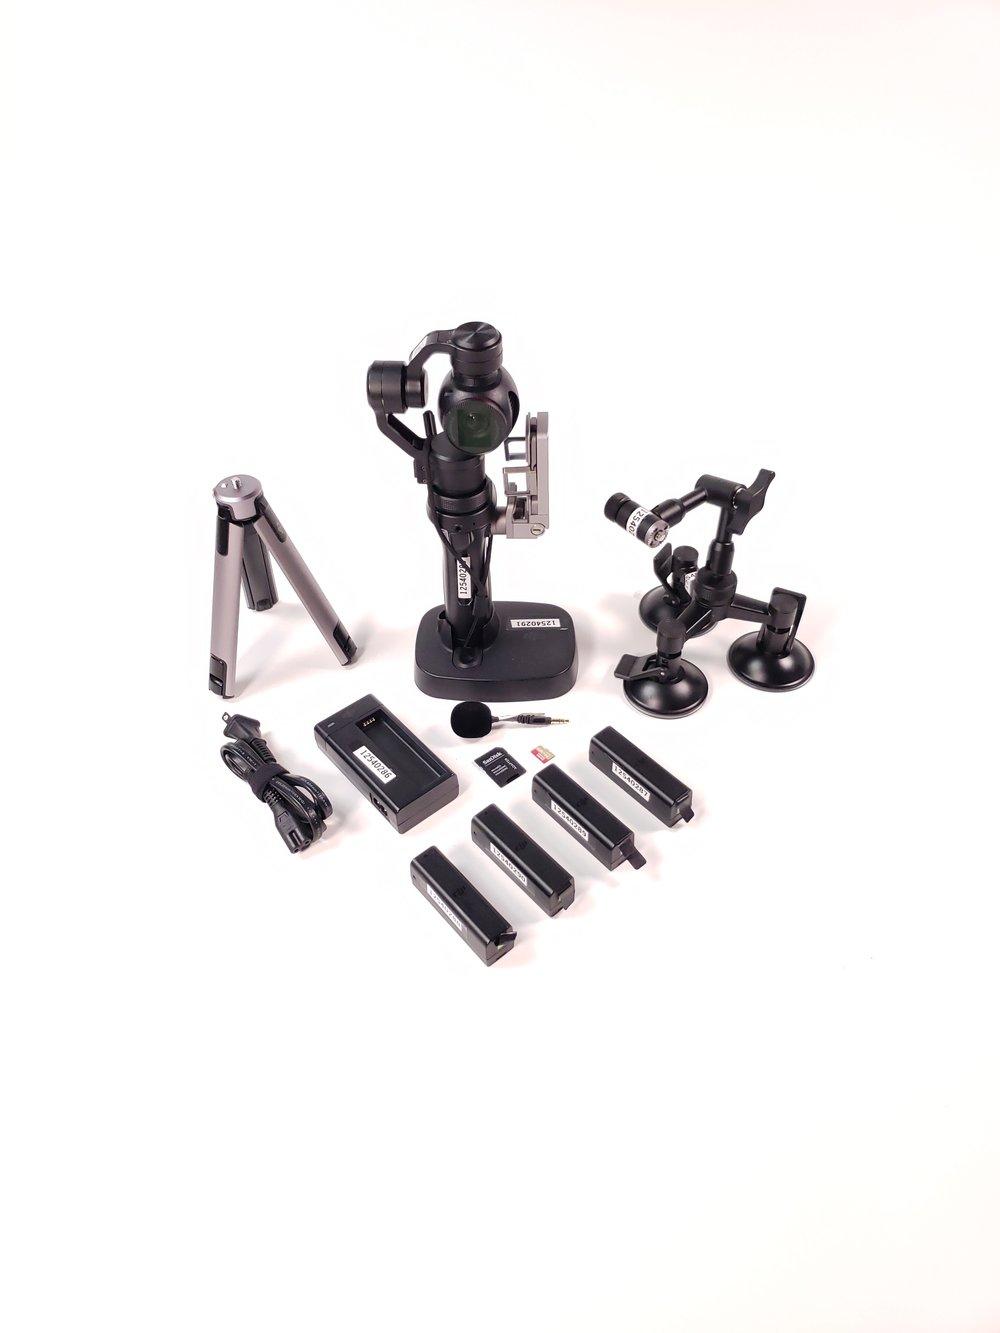 DJI OSMO Gimbal Camera Kit